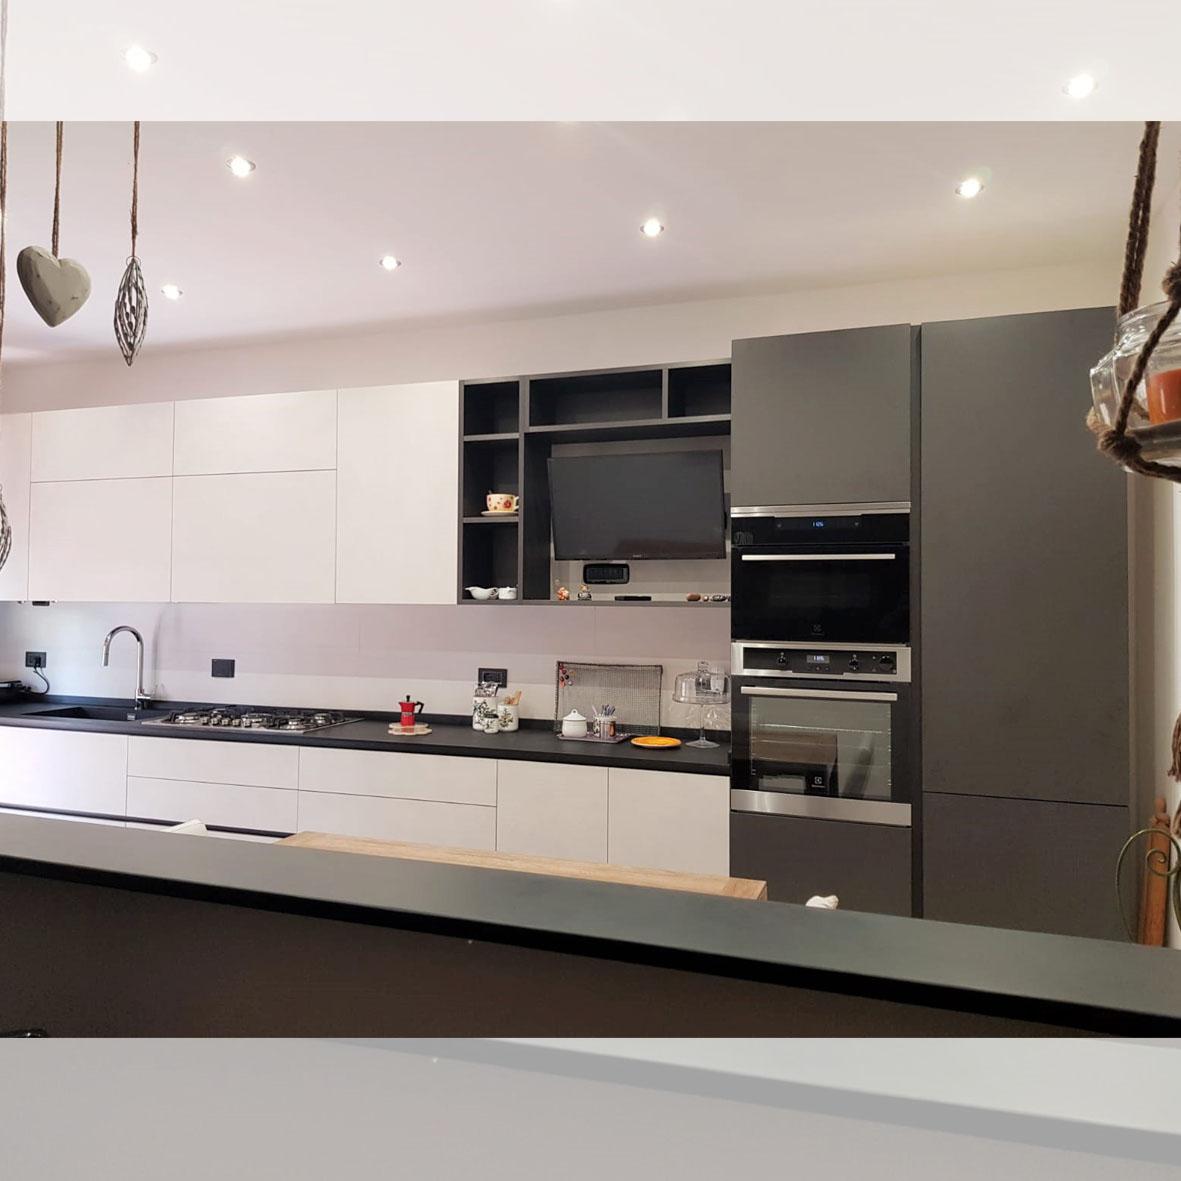 centro dell'arredamento-cucina-b 50-berloni-savona-realizzazioni